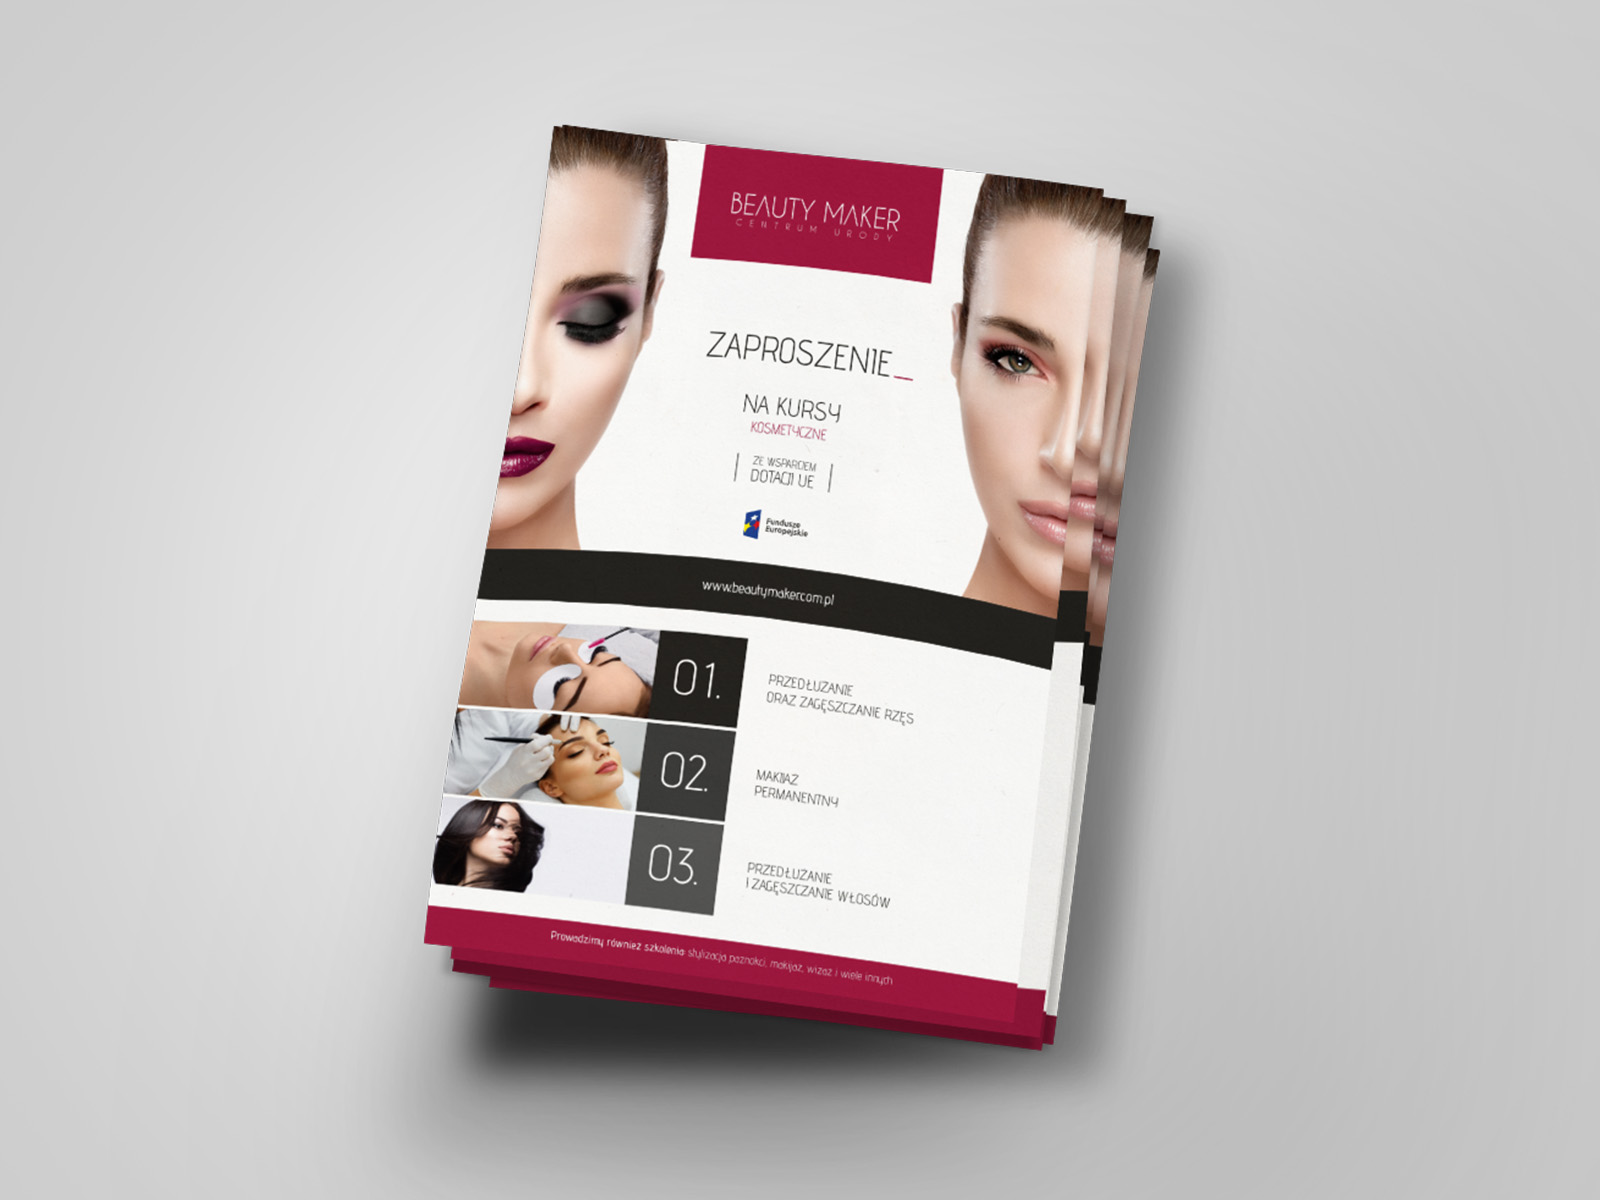 Projekt graficzny ulotki a5 dla firmy Beauty Maker